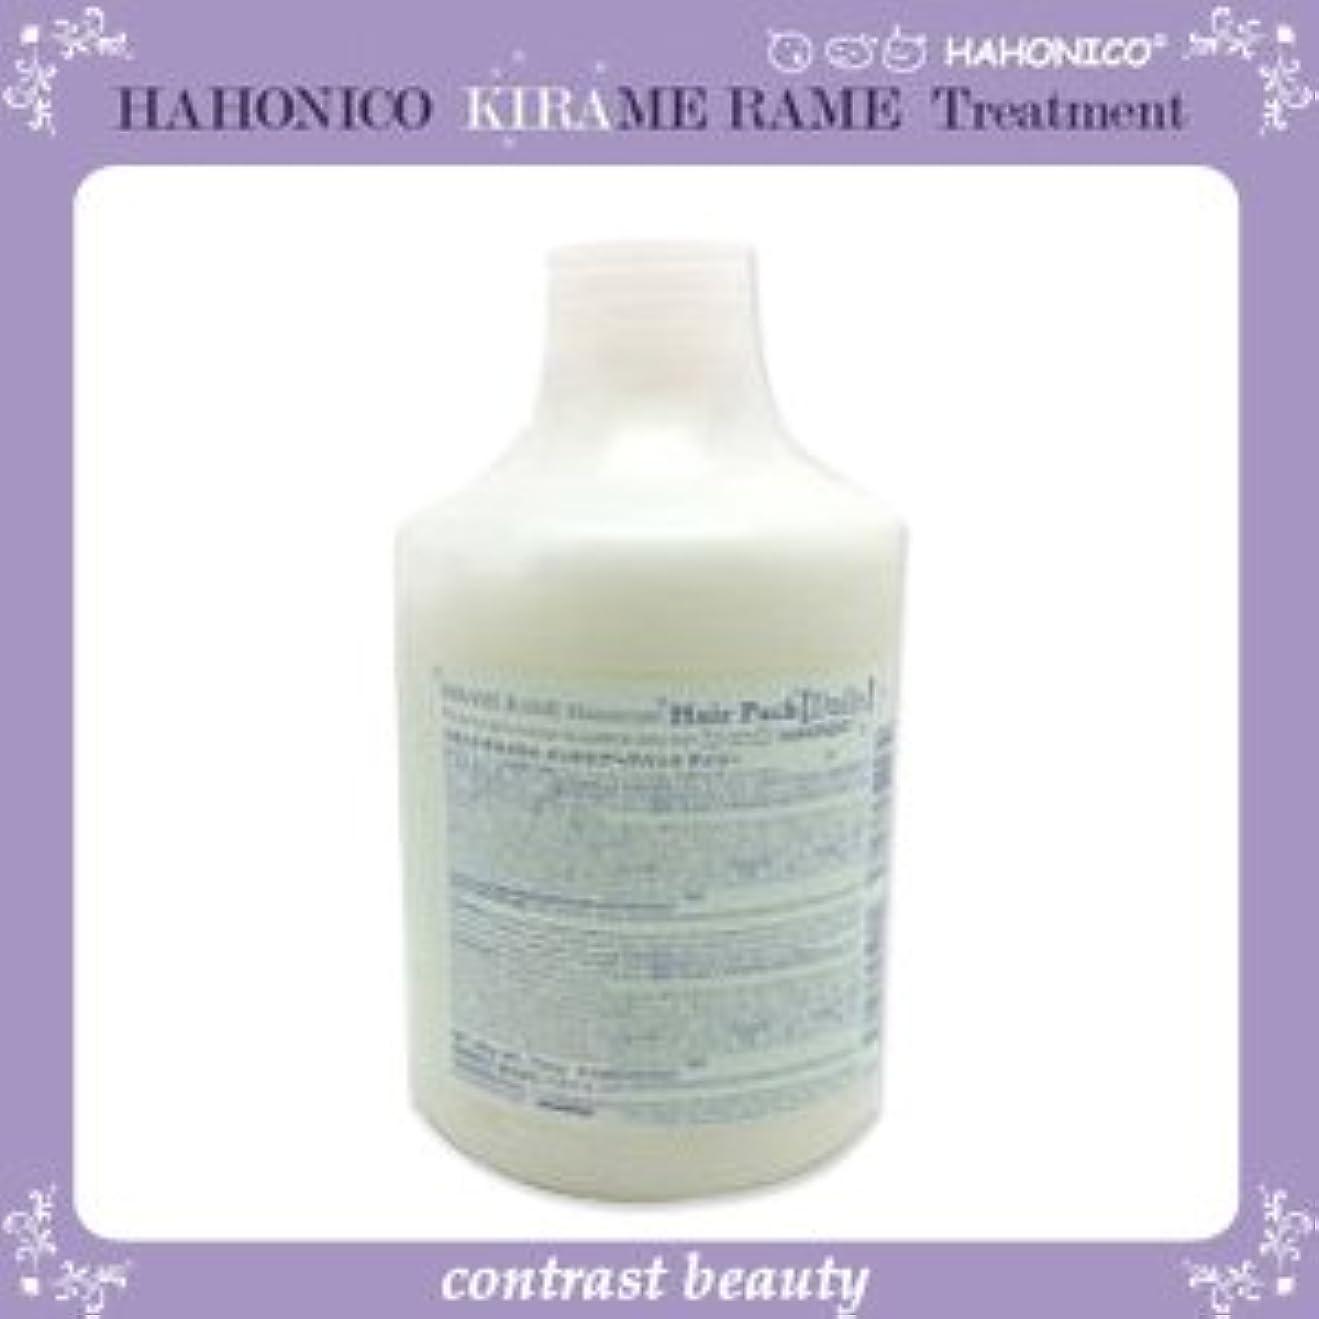 美人最悪余計な【X4個セット】 ハホニコ キラメラメ メンテケアヘアパックデイリー 500g KIRAME RAME HAHONICO